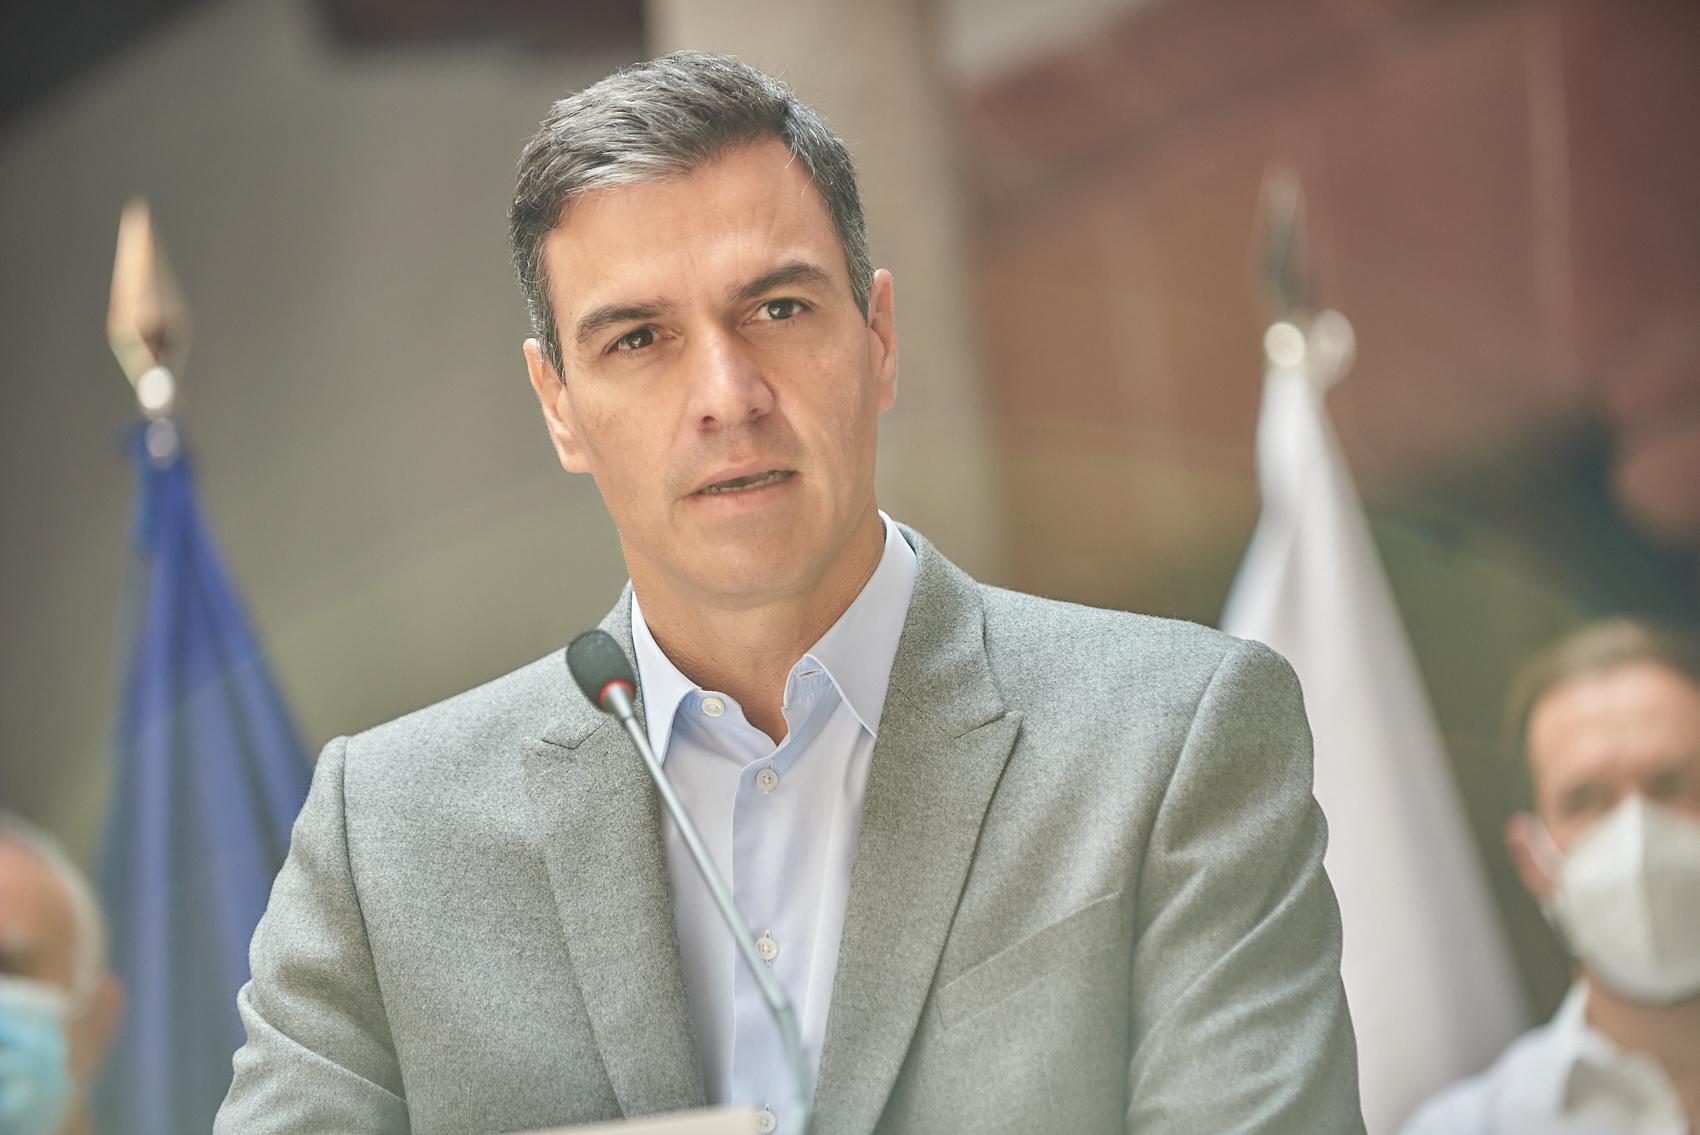 Governo espanhol aposta no arrendamento jovem